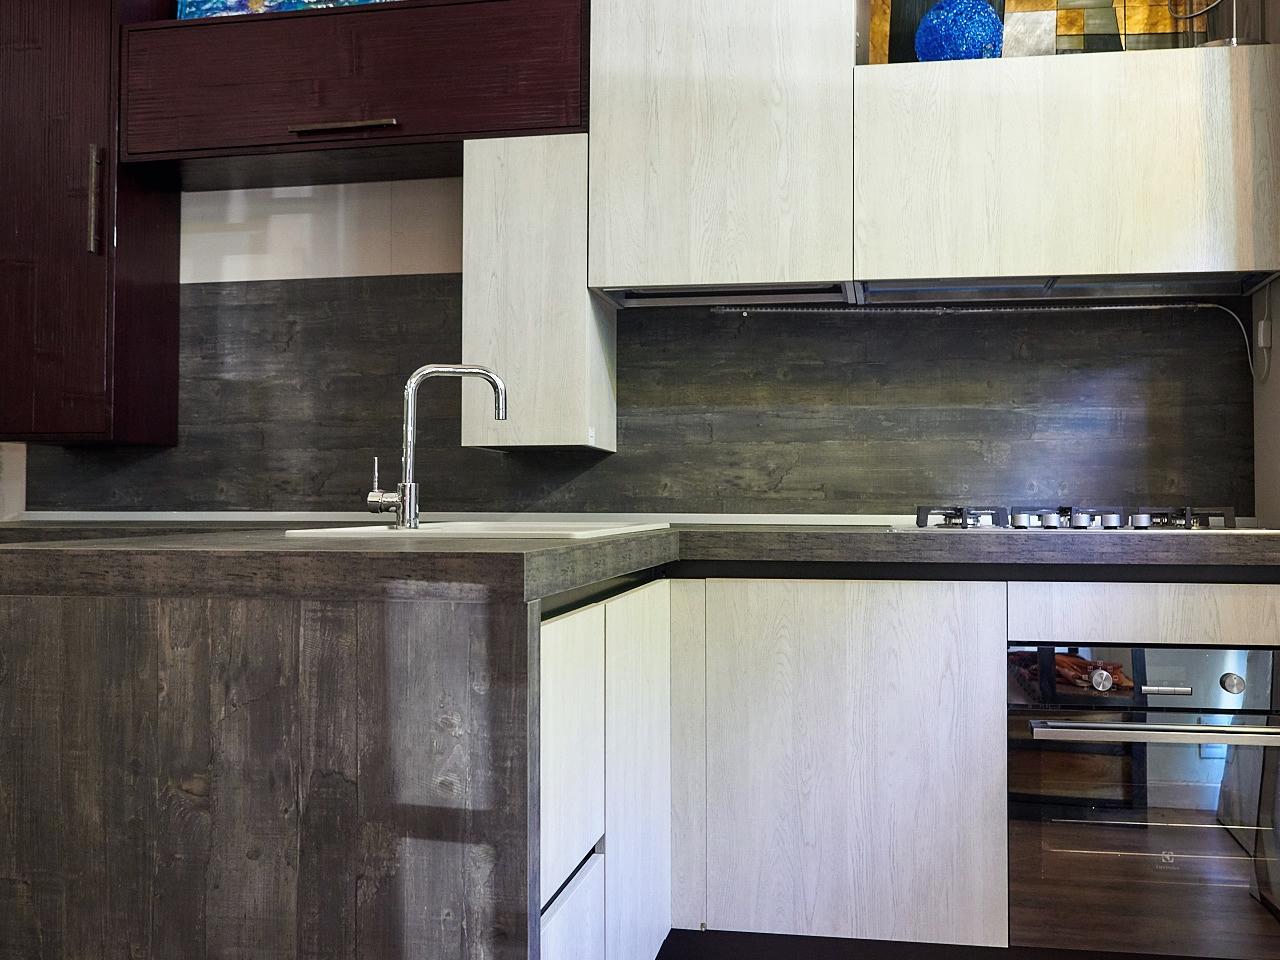 Cucina moderna essenza rovere ice e bambu in offerta - Cucina in offerta ...